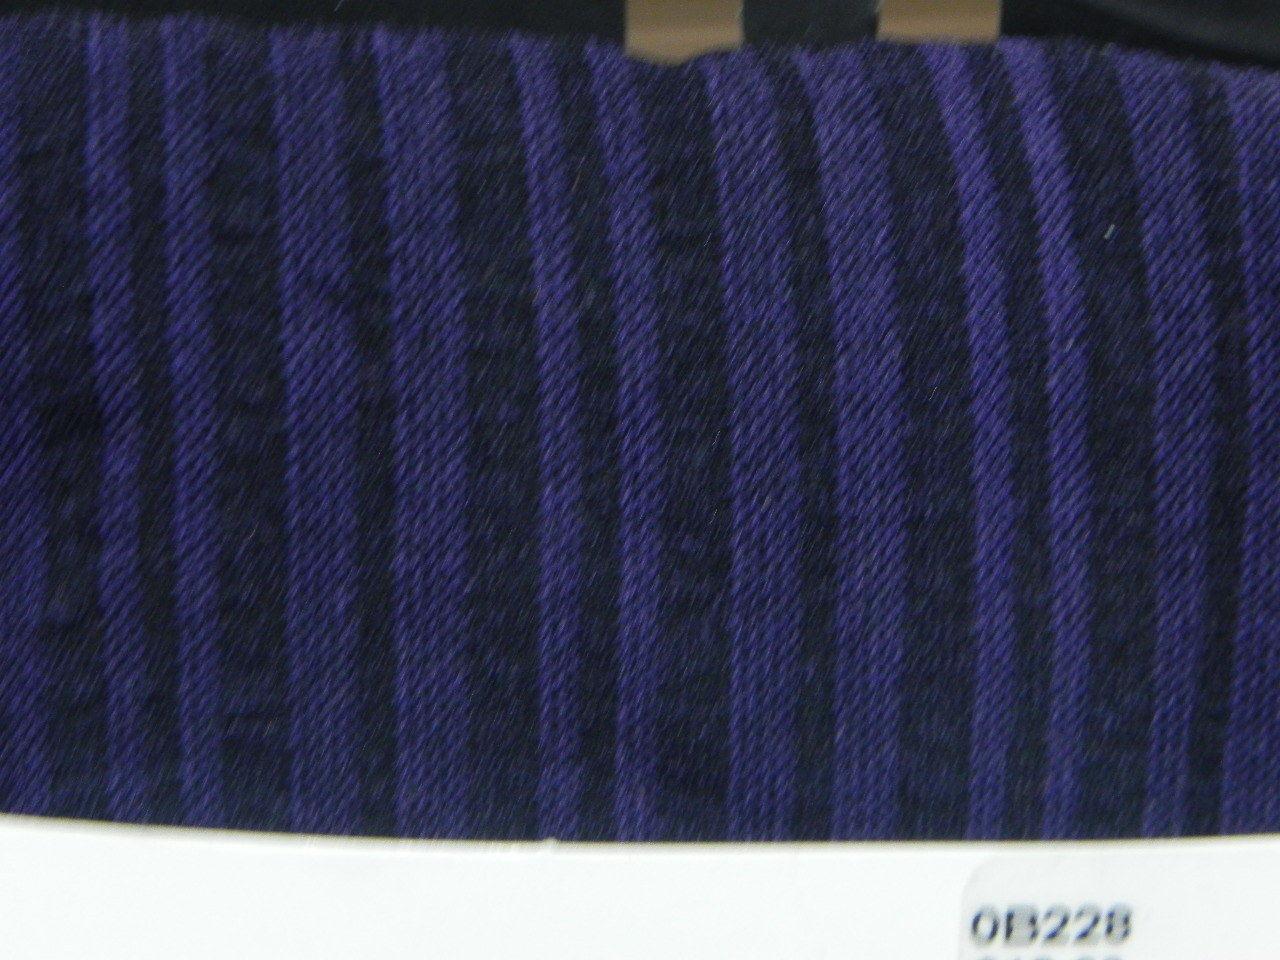 Dkny Tights Legging Bold Stripe Color Violet Black Made